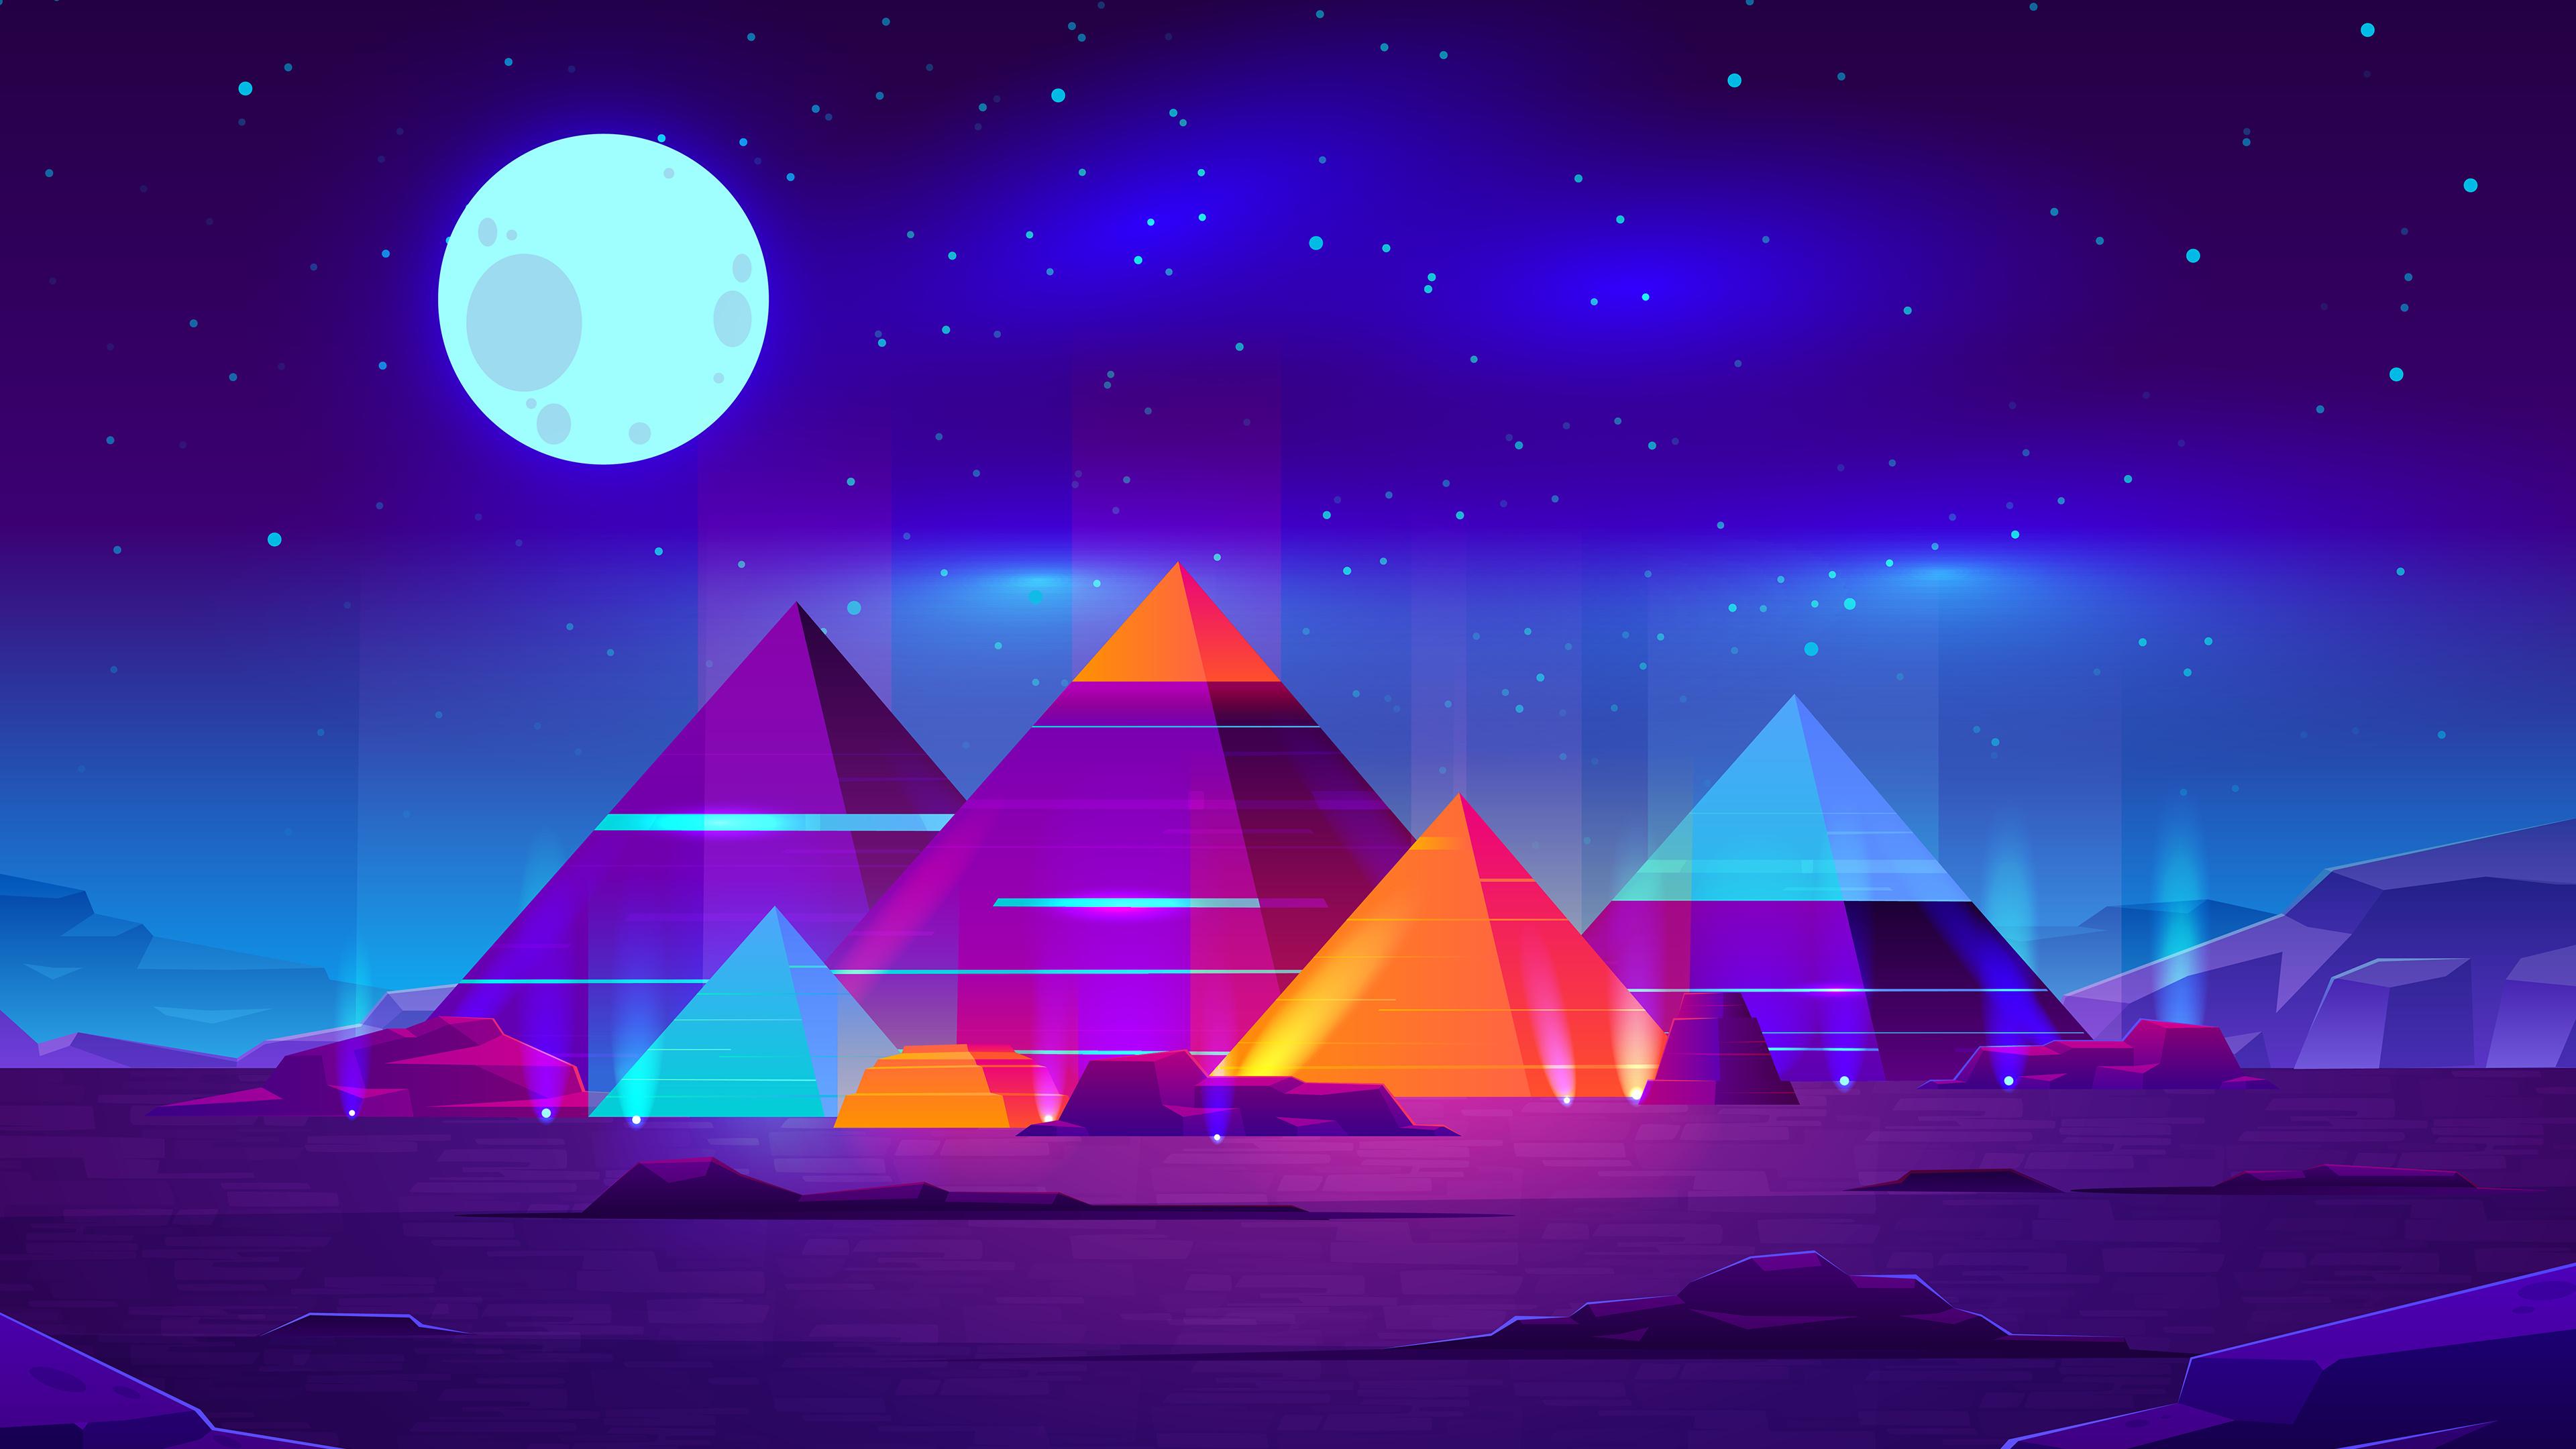 3840x2160 Minimalist Pyramid 4K Wallpaper, HD Minimalist ...